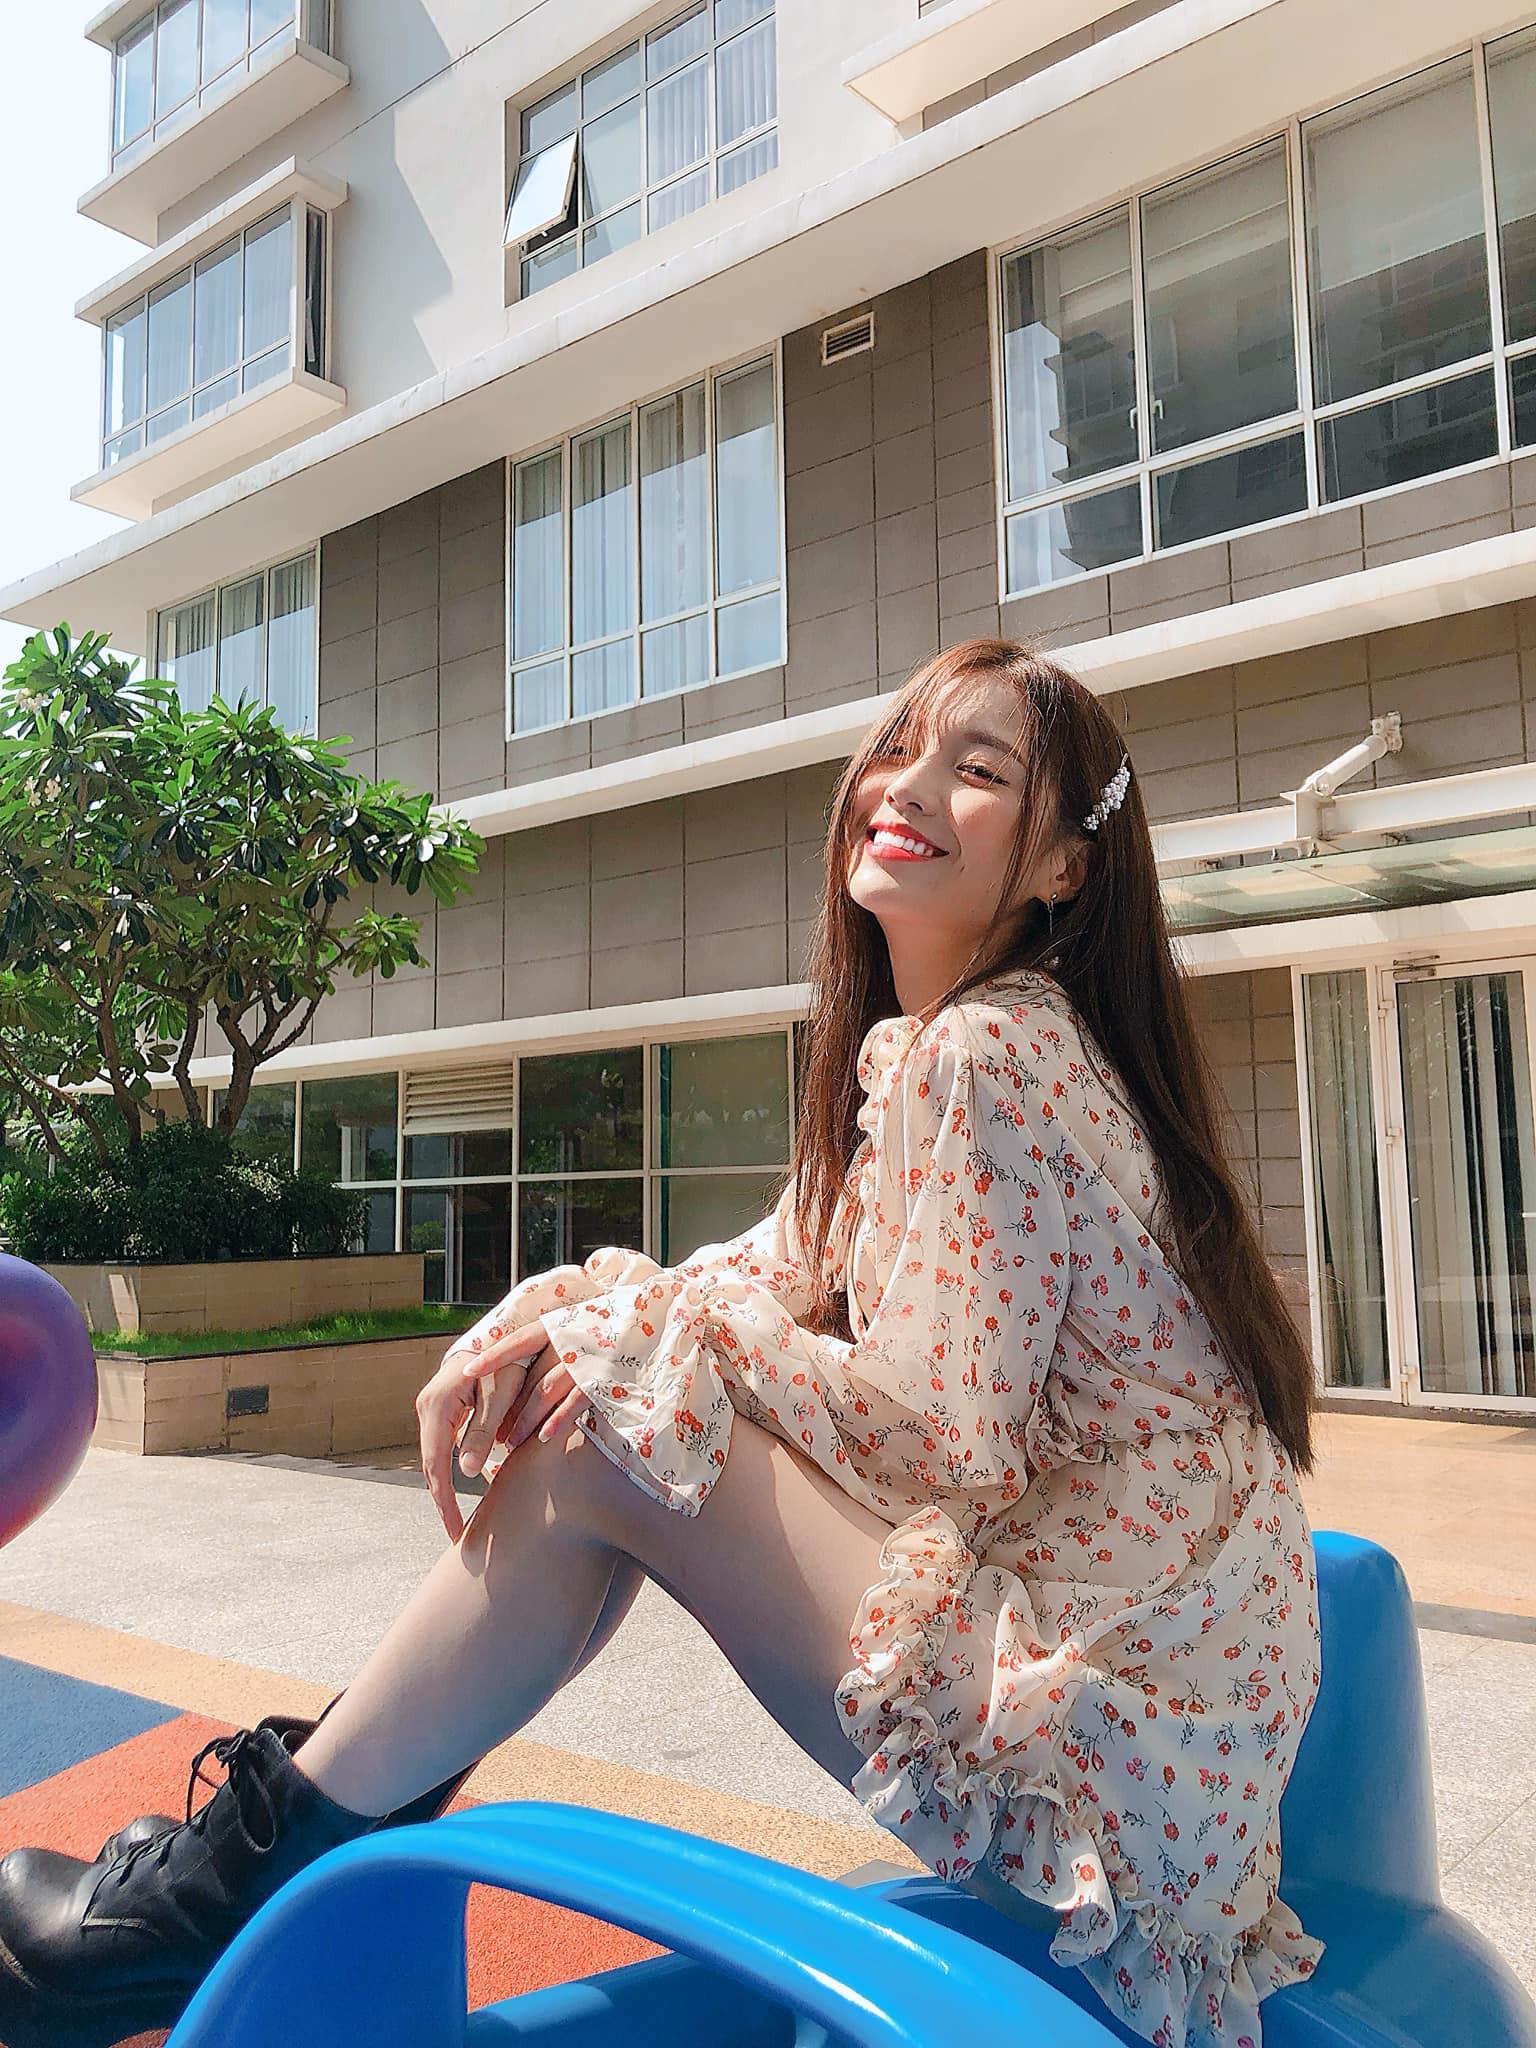 Thế hệ mỹ nhân 10x của Vbiz: Người sở hữu vòng eo nhỏ nhất showbiz, người là Hoa hậu mang nét đẹp lai Tây gợi cảm hút hồn - Ảnh 9.